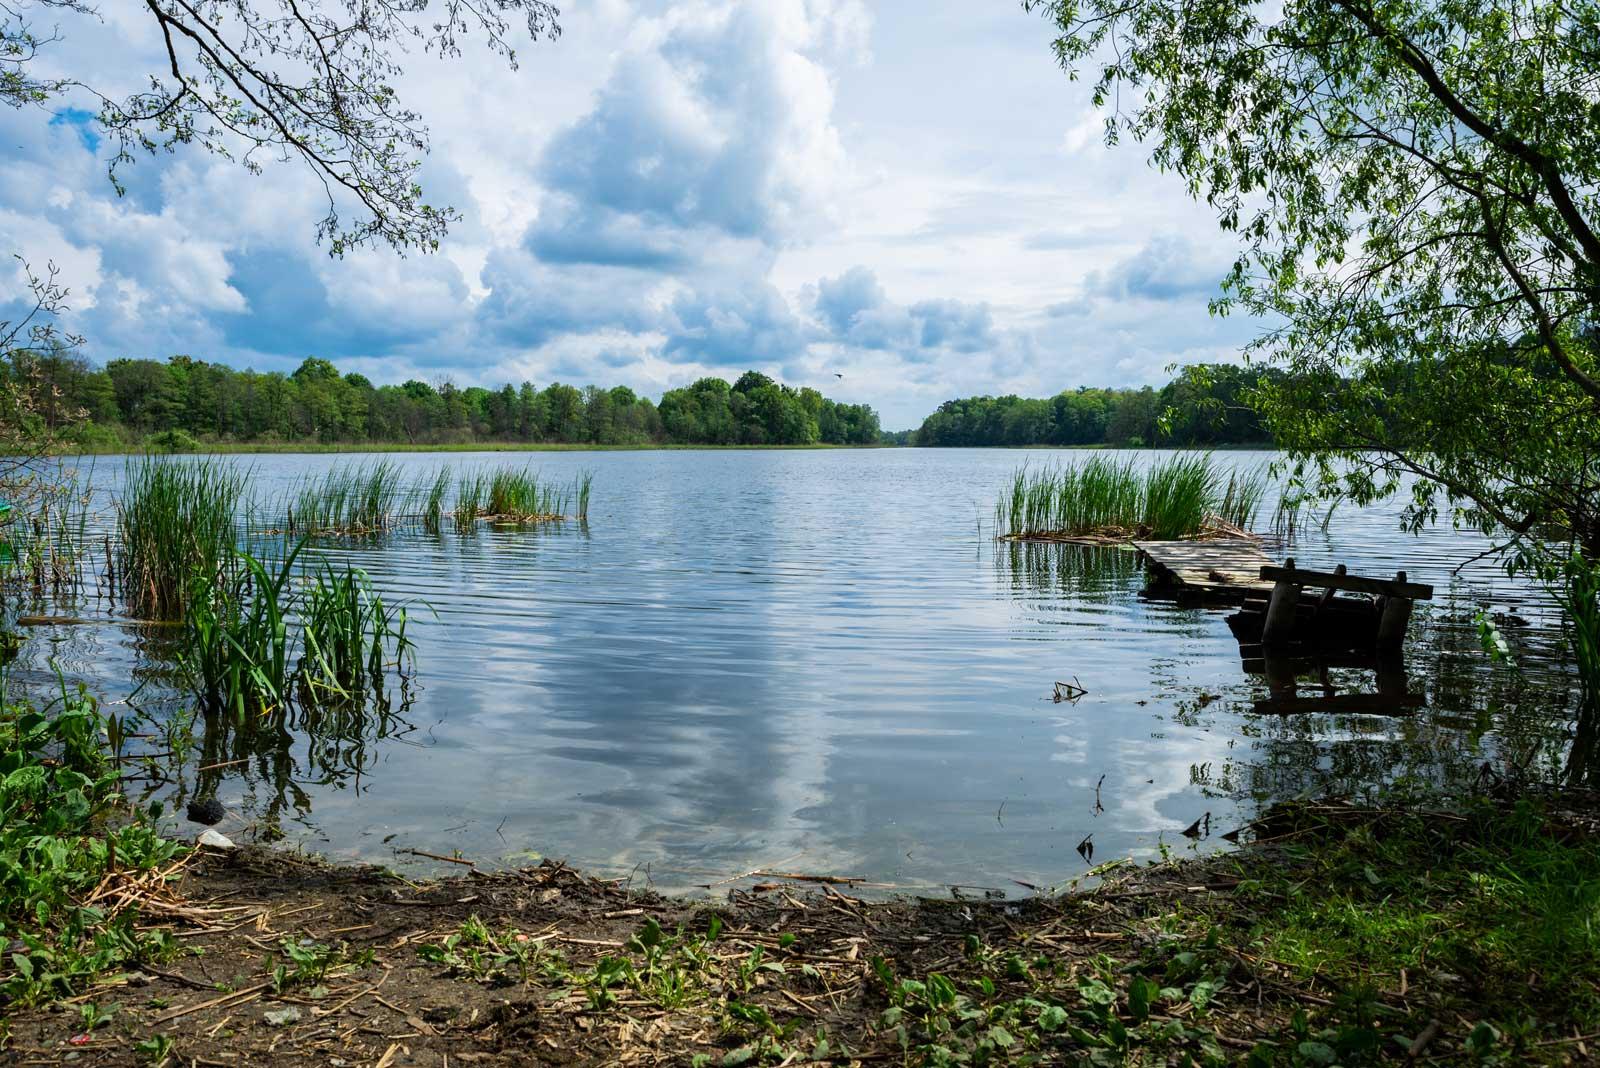 Zdjęcie współczesne widok na jezioro szymbarskie z północno-zachodniego brzegu. Fotografia wykonana w pochmurny dzień, na niebie widoczne wyraźne wielowarstwowe chmury, które odbijają się w tafli jeziora. Zdjęcie wykonano z żabiej perspektywy, na jego pierwszym planie widzimy skrawek trawiastego brzegu jeziora, po prawej stronie zdjęcia widać zawalony pomost dla wędkarzy, jezioro porastają nieliczne skupiska tataraku. W oddali widać przeciwległy brzeg jeziora oraz drzewa nad jego brzegiem.